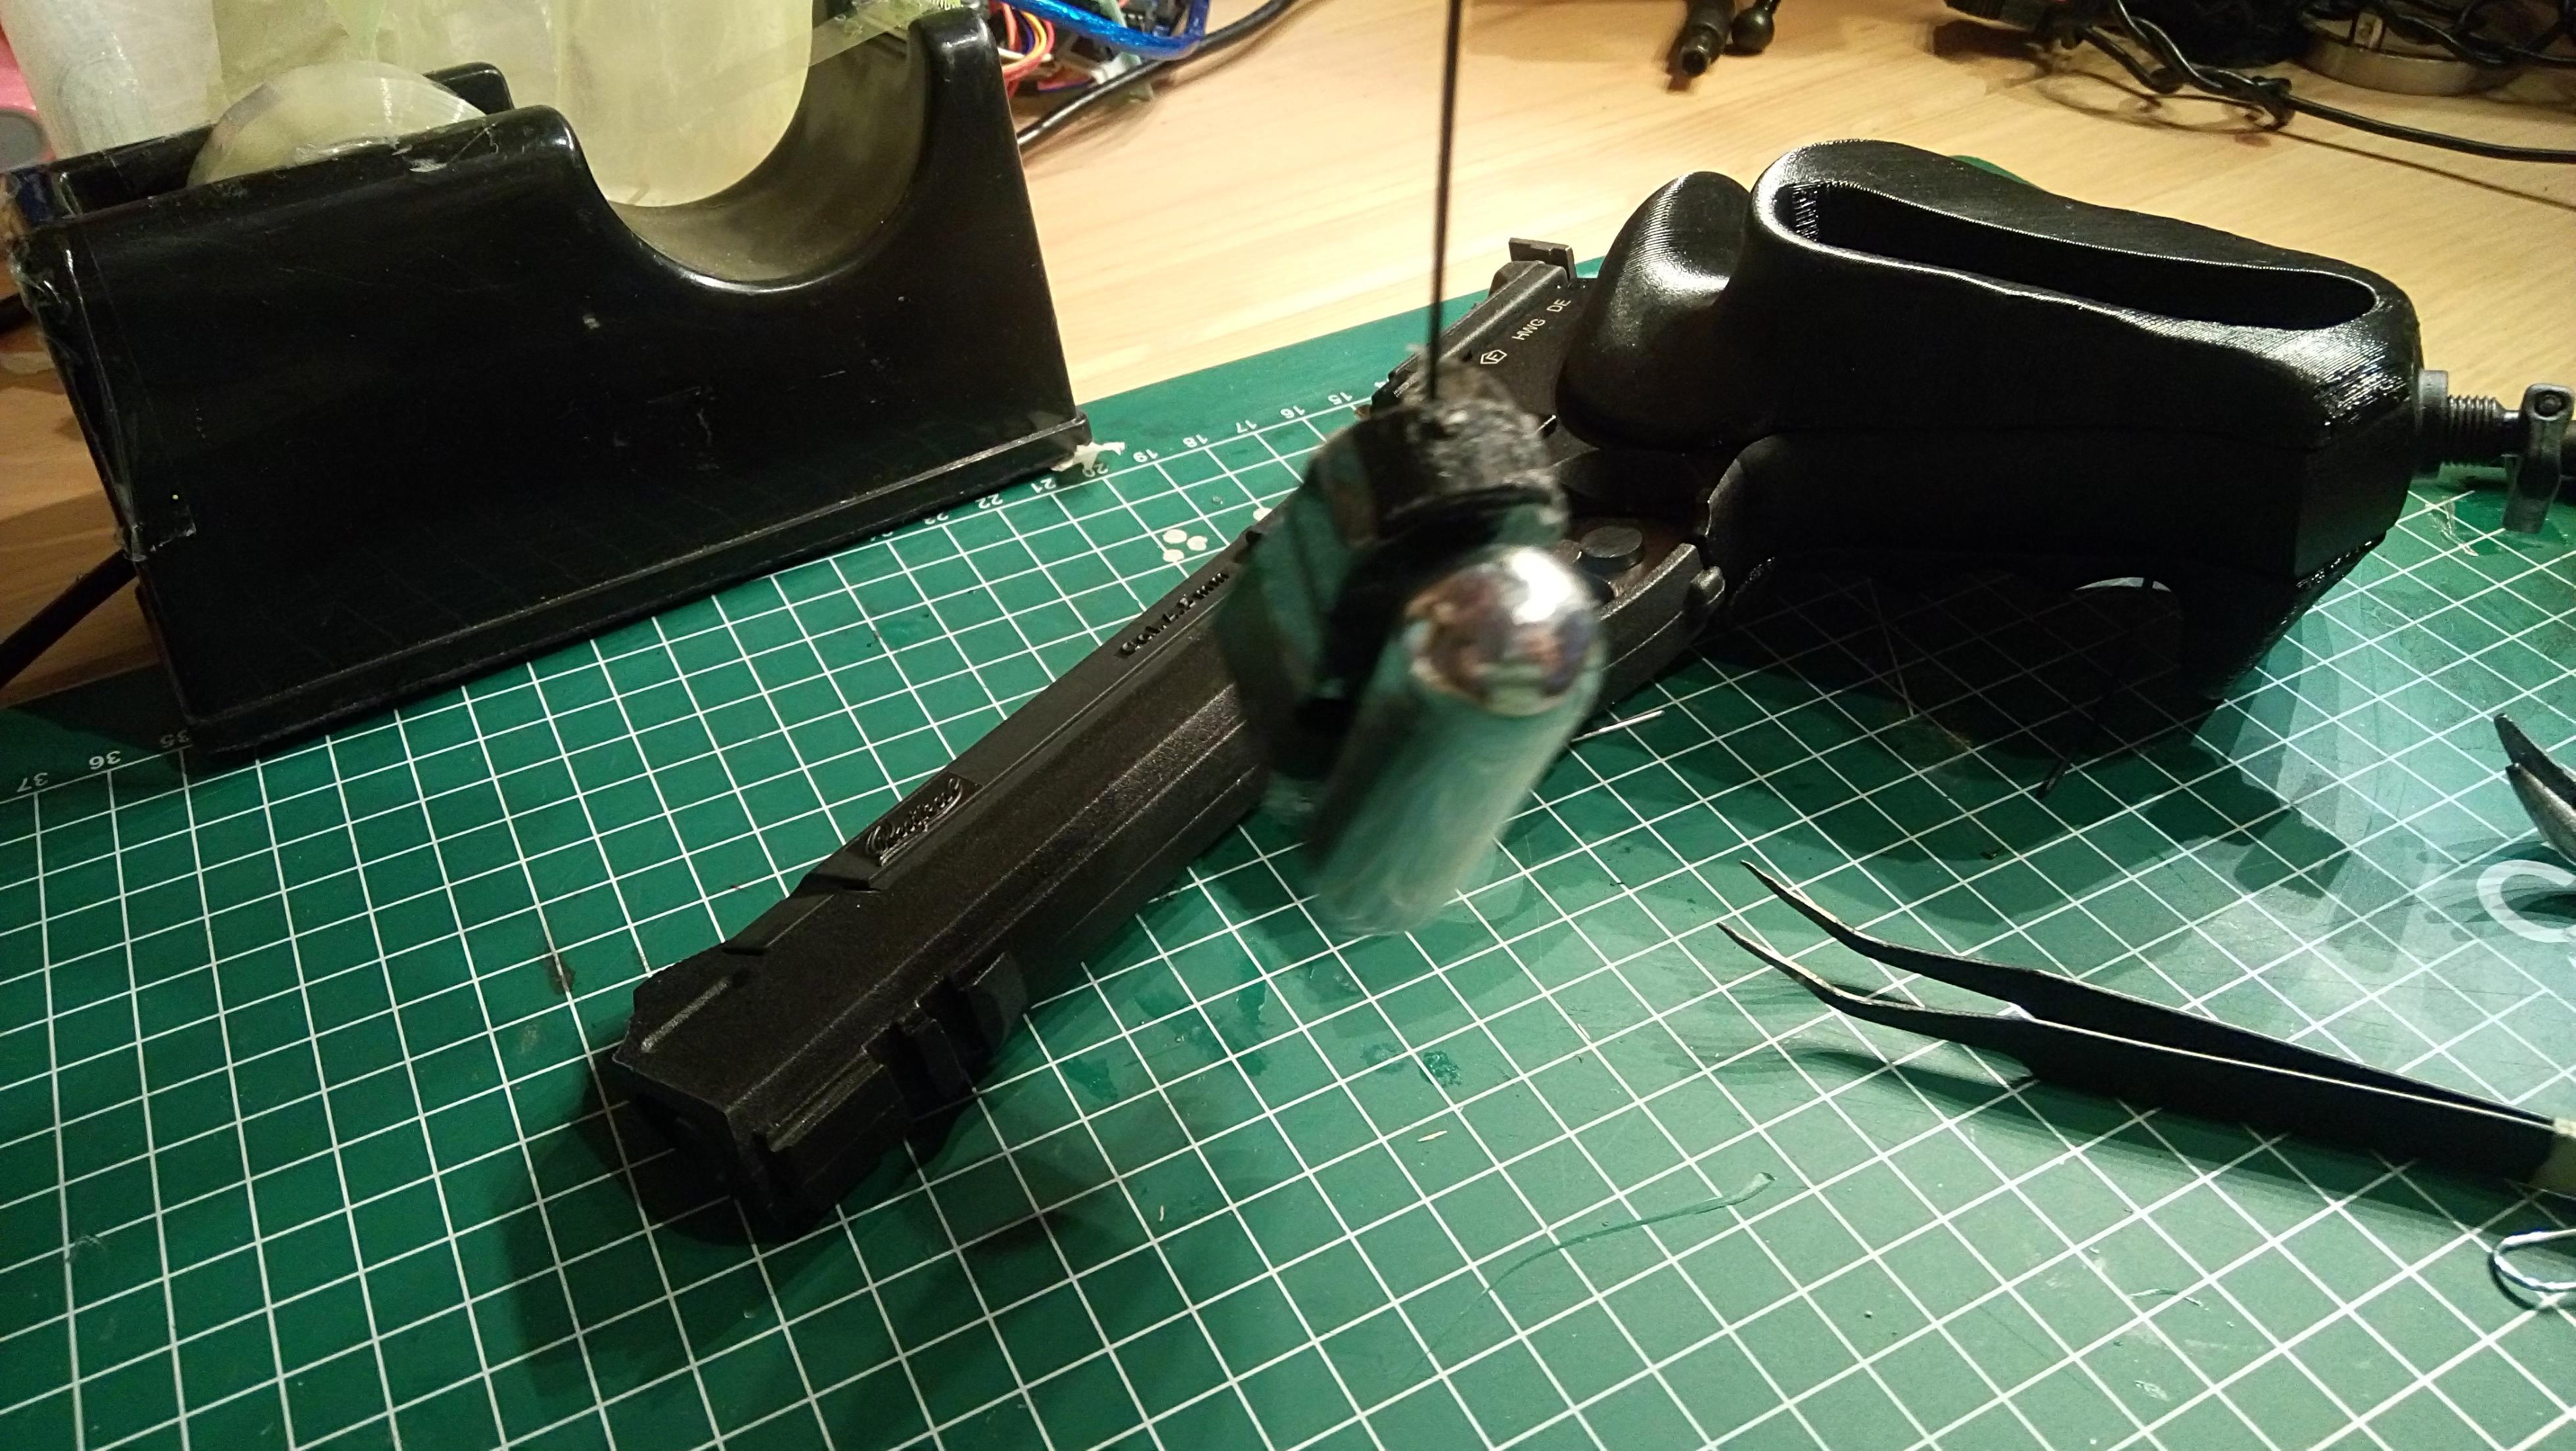 180218-DSC_0231.JPG Télécharger fichier STL gratuit Bouchon magnétique Baikal MP-651K pour poignée ergonomique • Plan pour imprimante 3D, Milan_Gajic